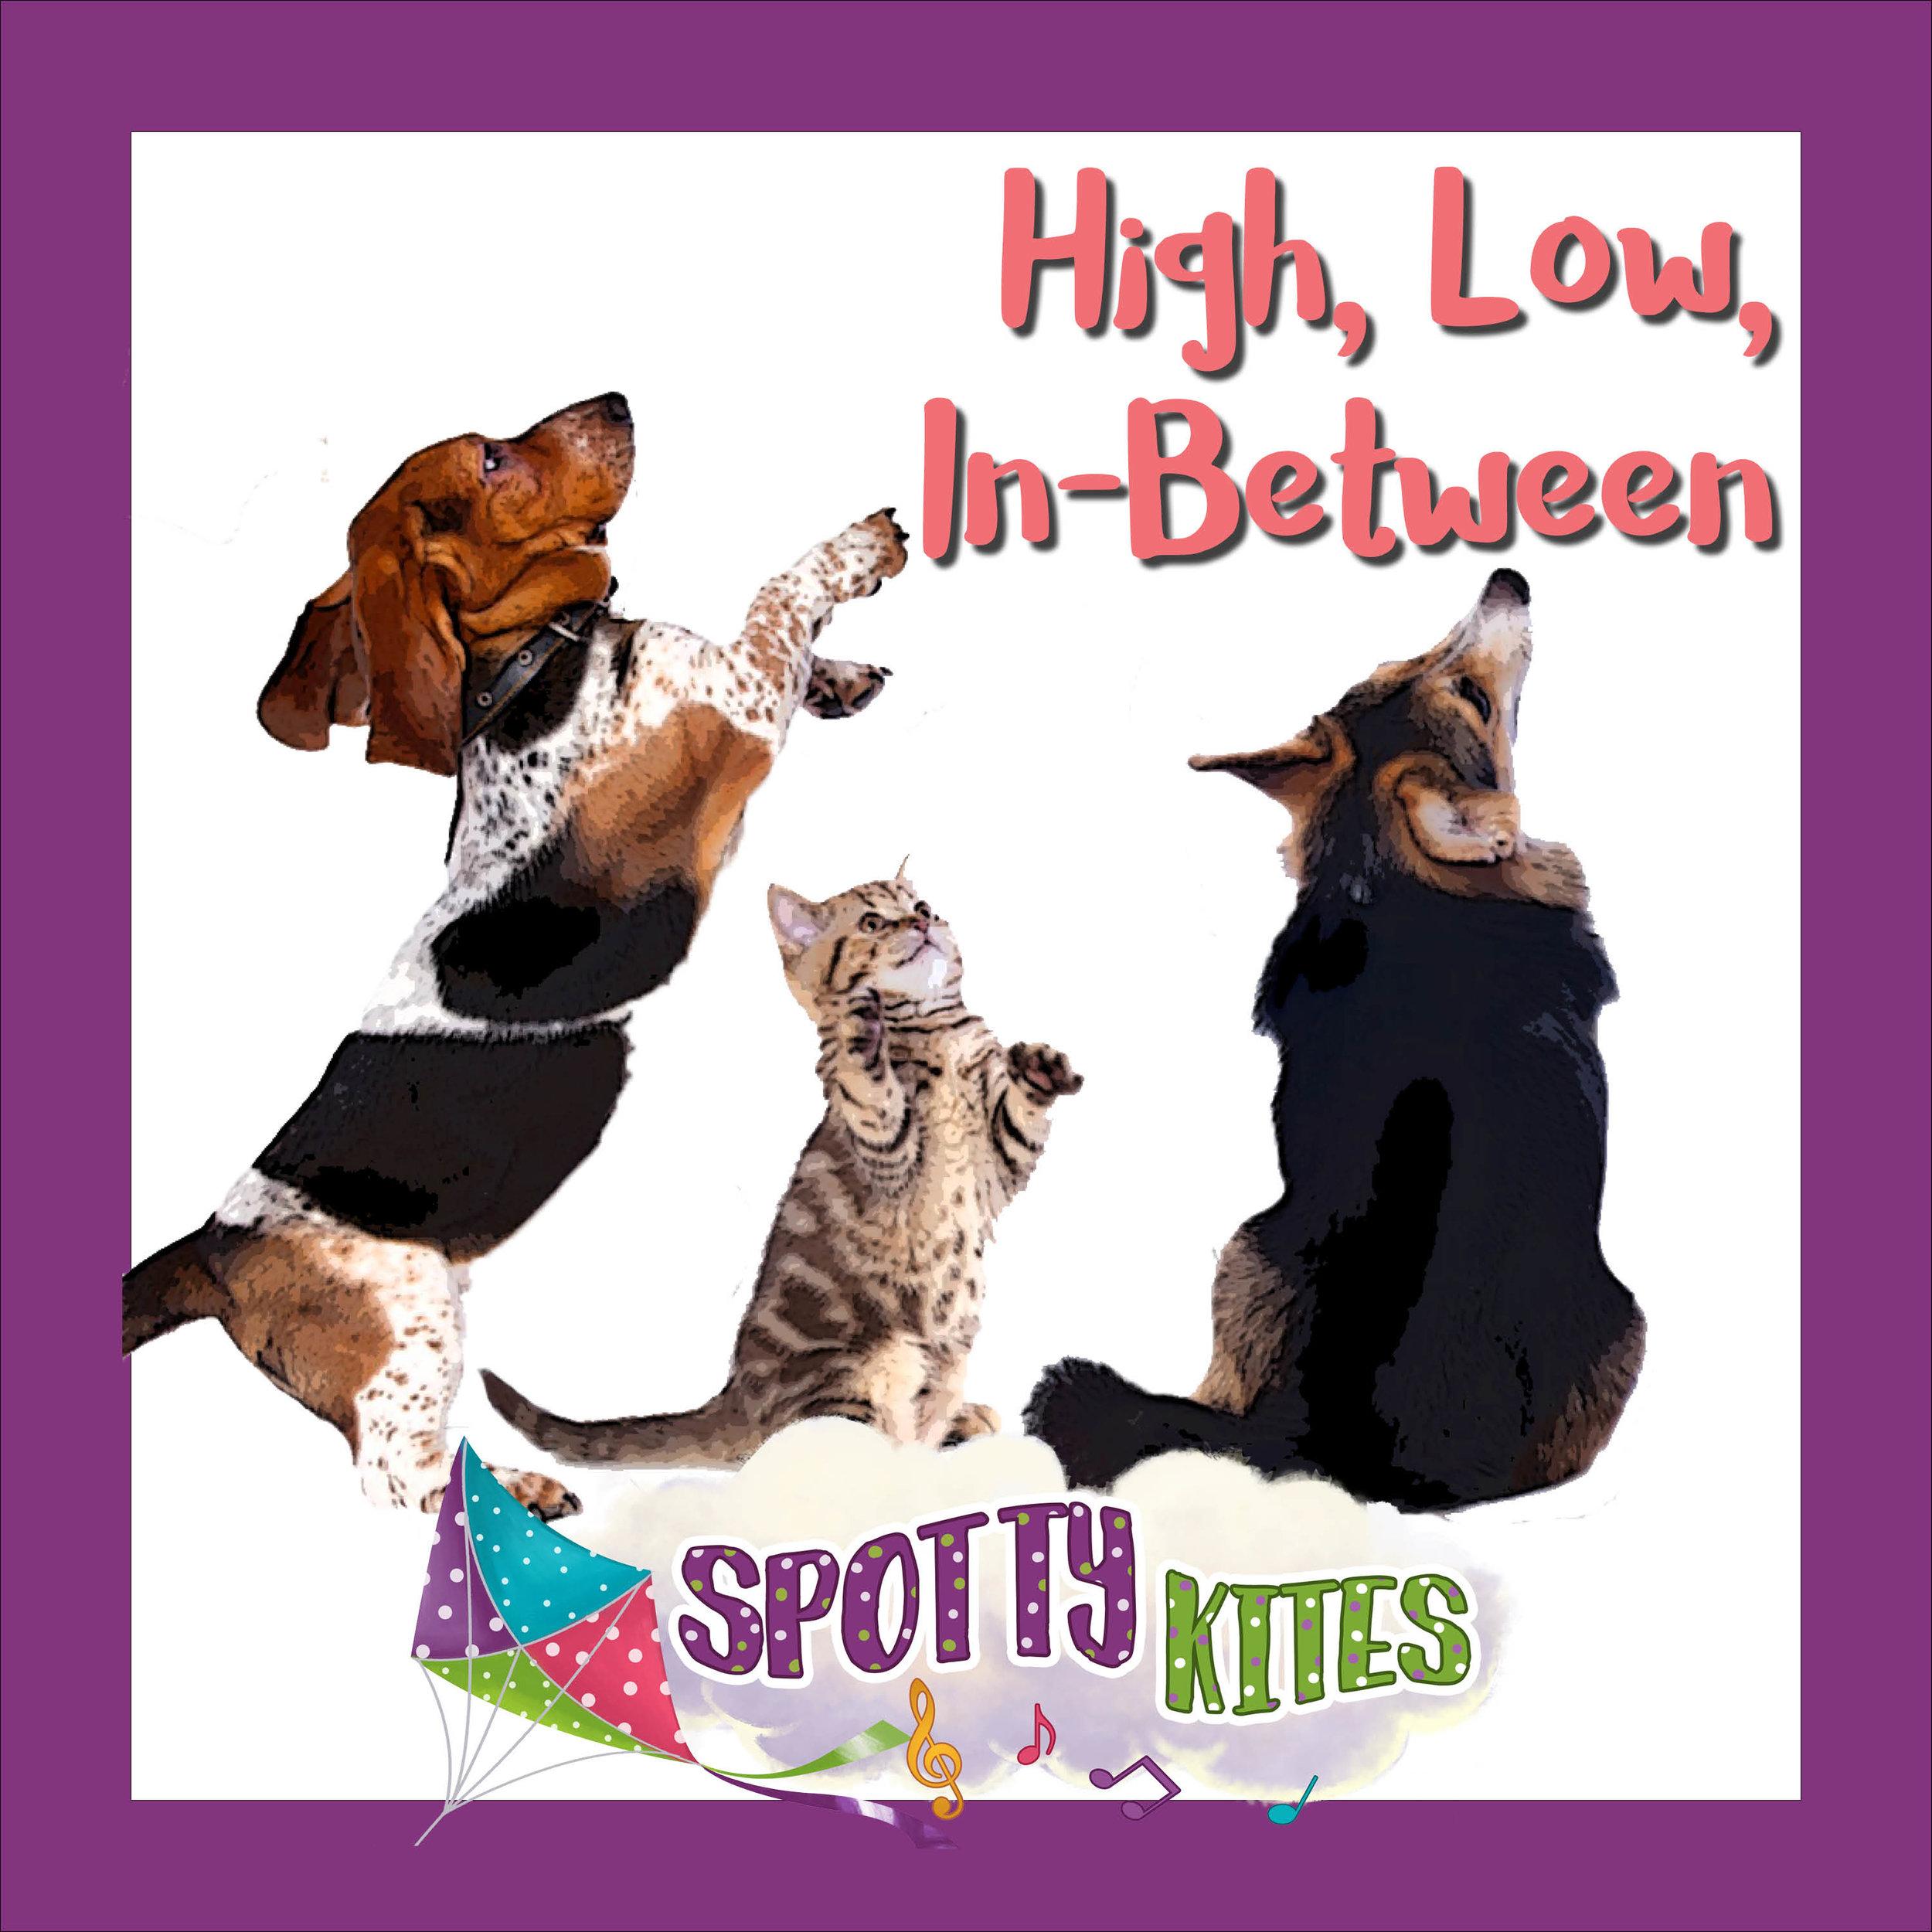 Spotty Kites InBetween.jpg